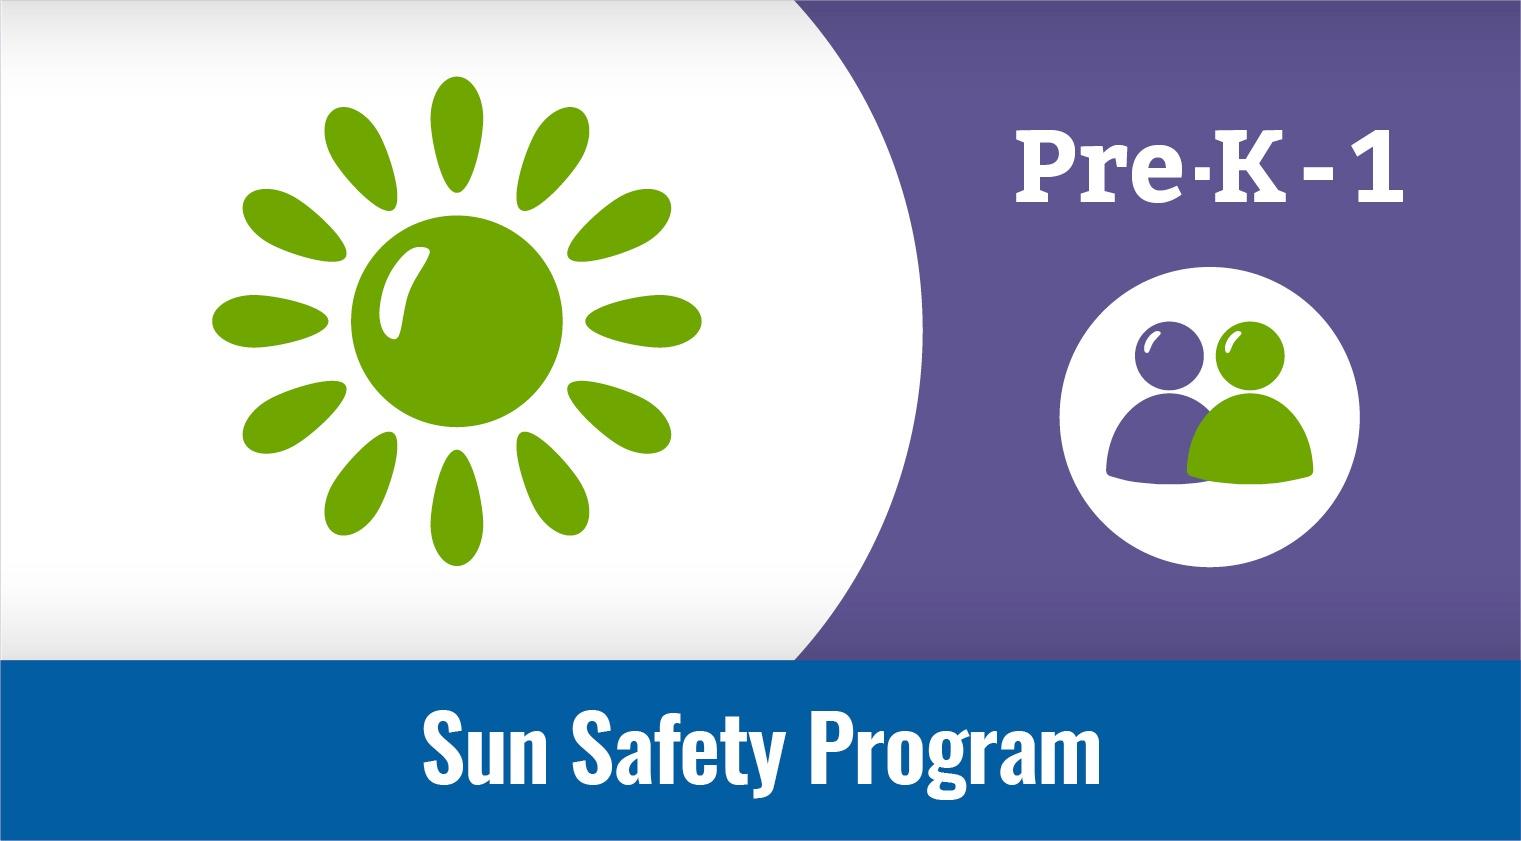 Ray & the Sunbeatables®: A Sun Safety Curriculum